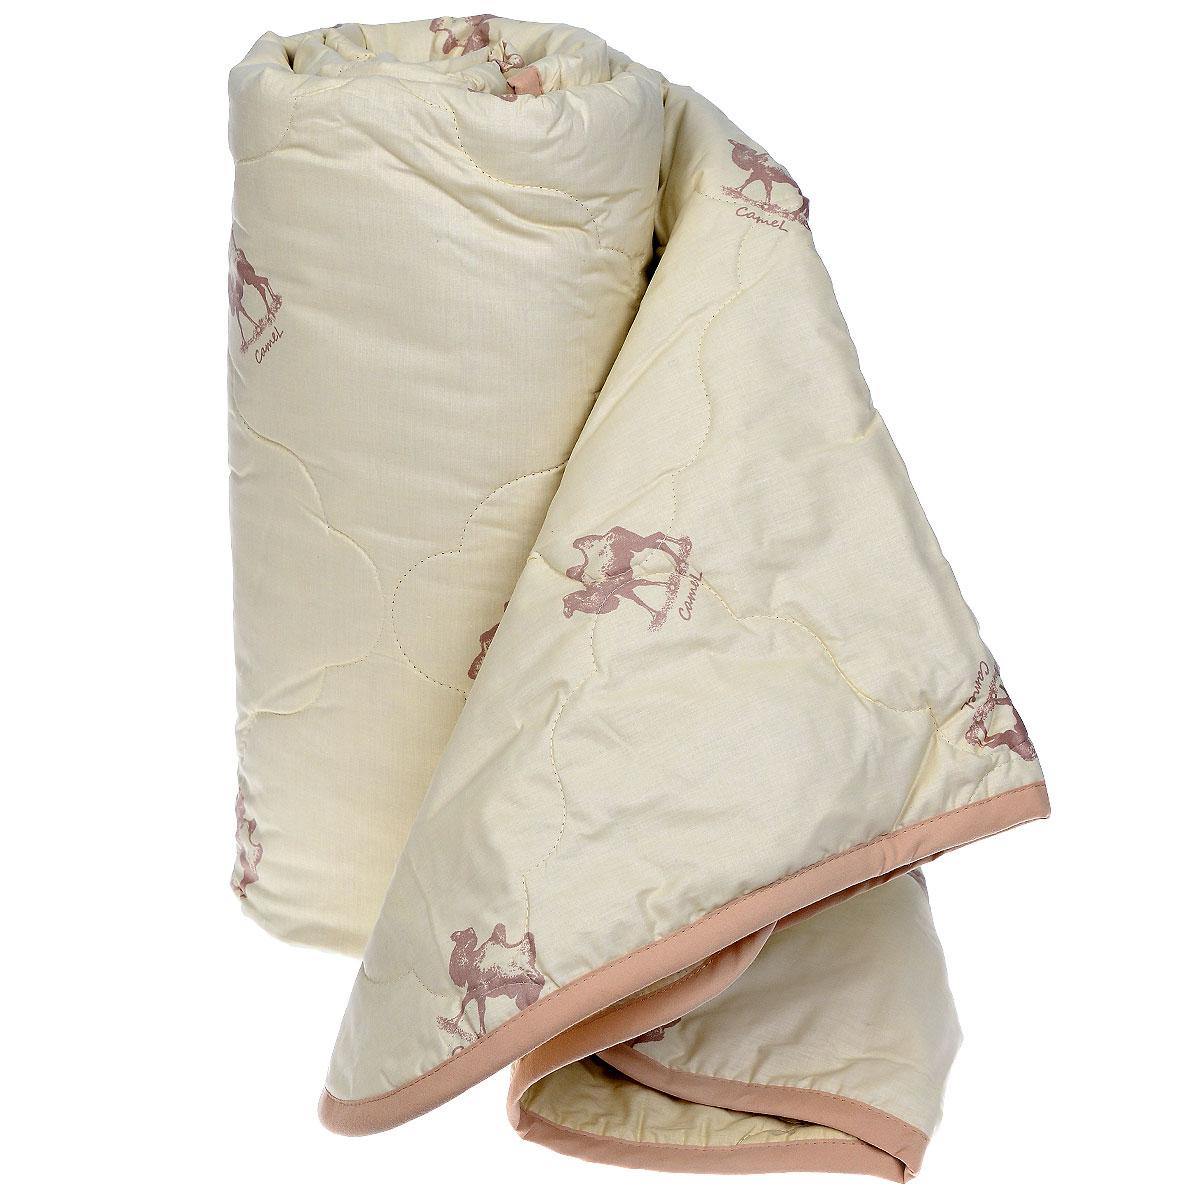 Одеяло Sova & Javoronok, наполнитель: верблюжья шерсть, цвет: бежевый, 172 см х 205 смS03301004Чехол одеяла Sova & Javoronok выполнен из высококачественного плотного материала тик (100% хлопок). Наполнитель одеяла изготовлен из верблюжьей шерсти. Стежка надежно удерживает наполнитель внутри и не позволяет ему скатываться. Особенности наполнителя:- исключительные терморегулирующие свойства;- высокое качество прочеса и промывки шерсти;- великолепные ощущения комфорта и уюта. Верблюжья шерсть обладает целебными качествами, содержит наиболее высокий процент ланолина (животного воска), который является природным антисептиком и благоприятно воздействует на организм по целому ряду показателей: оказывает благотворное действие на мышцы, суставы, позвоночник, нормализует кровообращение, имеет профилактический эффект при заболевания опорно-двигательного аппарата. Кроме того, верблюжья шерсть антистатична. Шерсть верблюда сохраняет прохладу в период жаркого лета и удерживает тепло во время суровой зимы. Одеяло упакована в прозрачный пластиковый чехол на змейке с ручкой, что является чрезвычайно удобным при переноске.Рекомендации по уходу:- Стирка запрещена,- Нельзя отбеливать. При стирке не использовать средства, содержащие отбеливатели (хлор),- Не гладить. Не применять обработку паром,- Химчистка с использованием углеводорода, хлорного этилена,- Нельзя выжимать и сушить в стиральной машине. Размер одеяла: 172 см х 205 см. Материал чехла: тик (100% хлопок). Материал наполнителя: верблюжья шерсть.